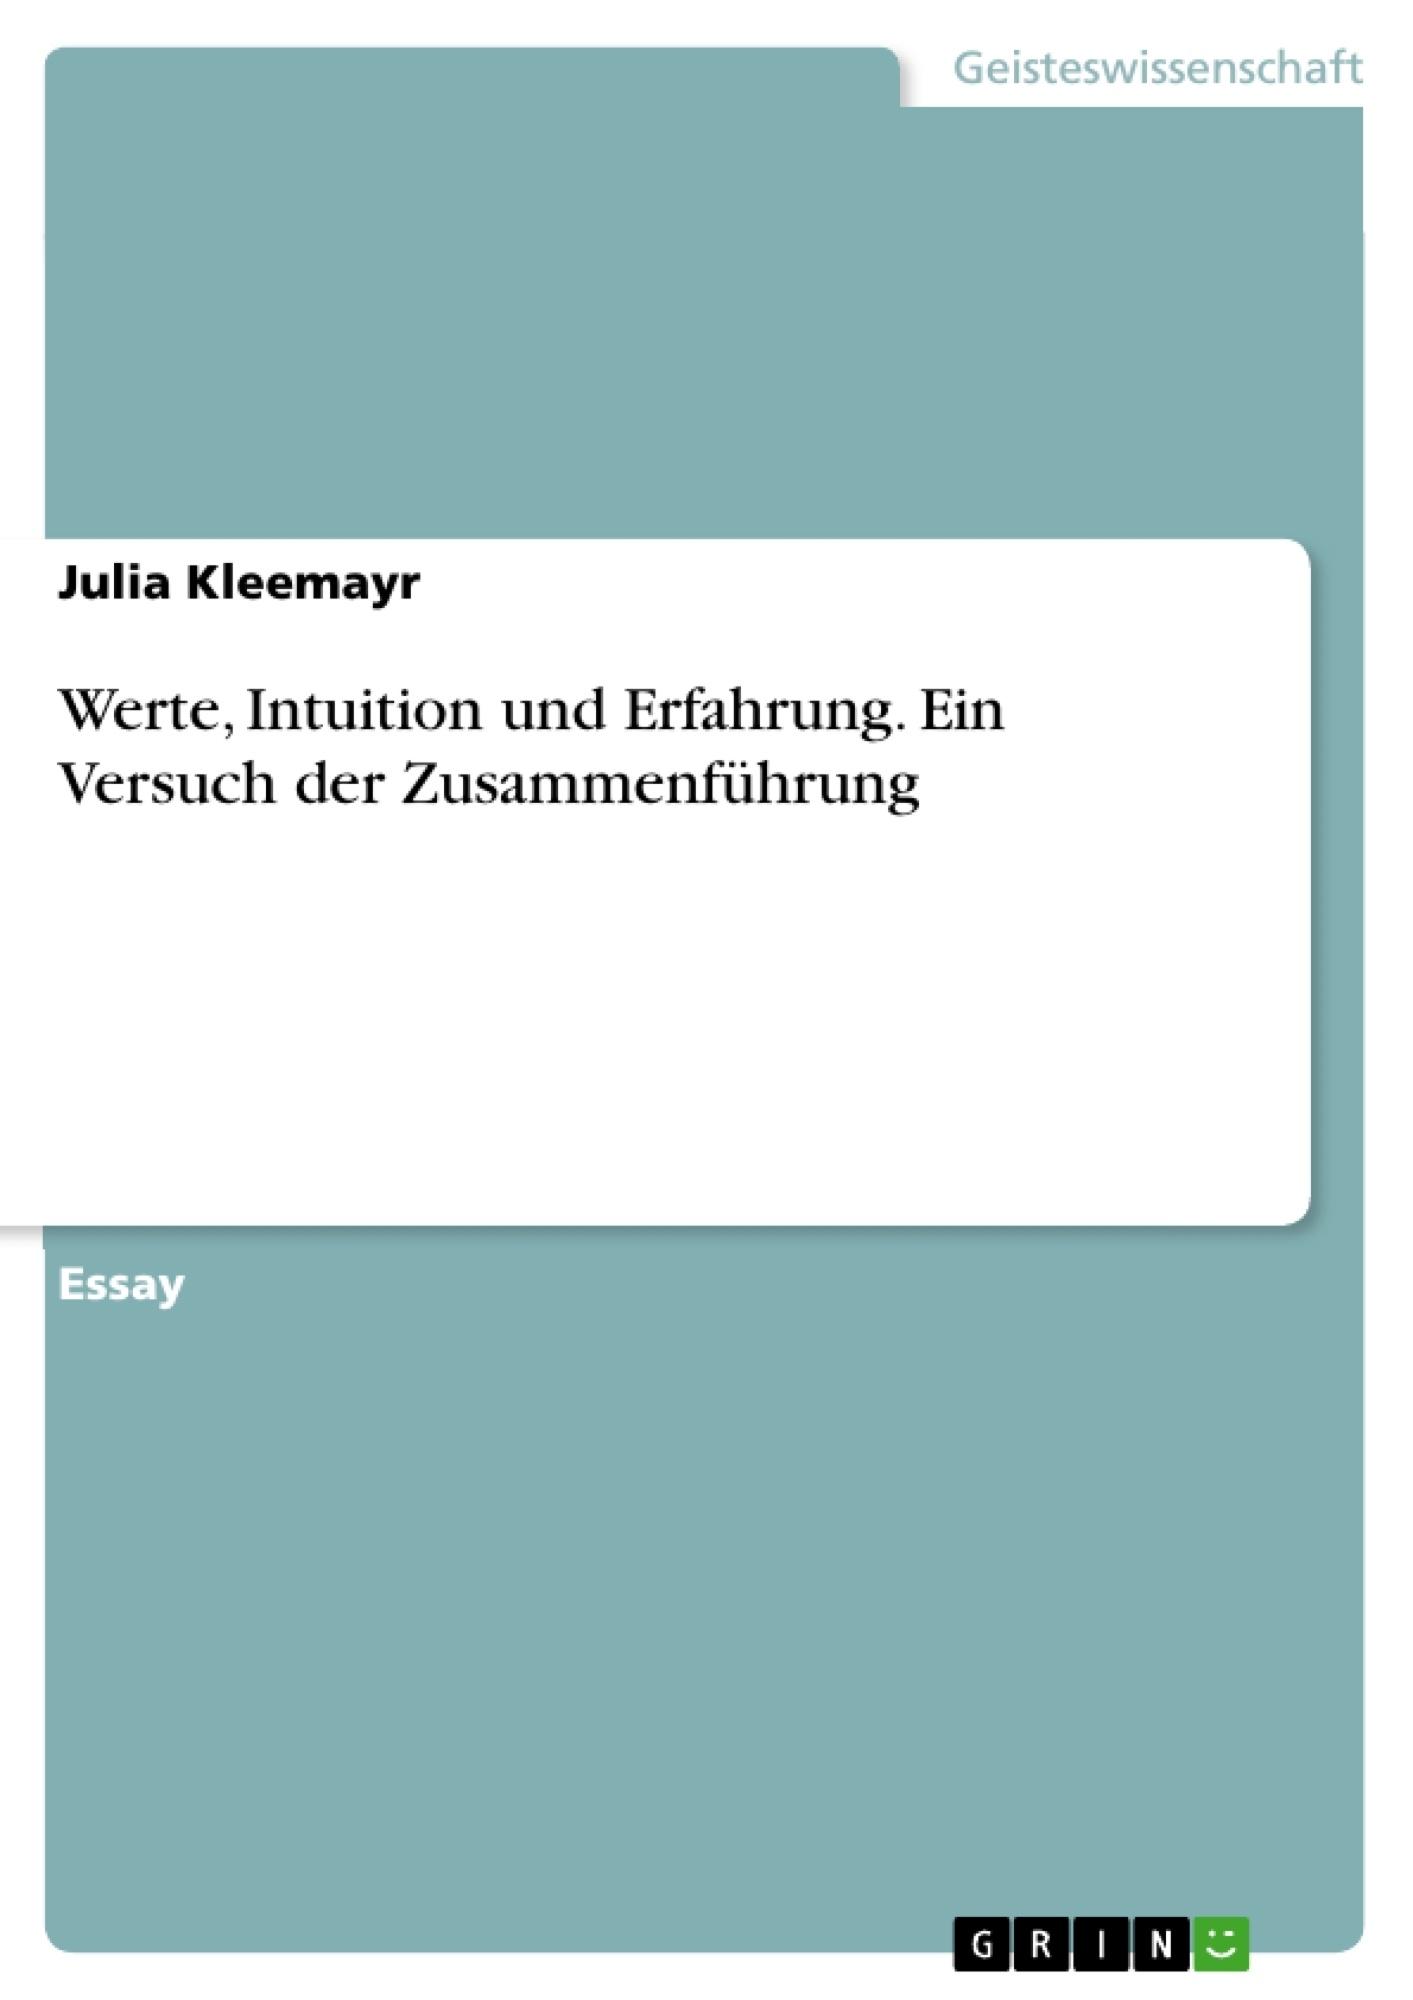 Titel: Werte, Intuition und Erfahrung. Ein Versuch der Zusammenführung